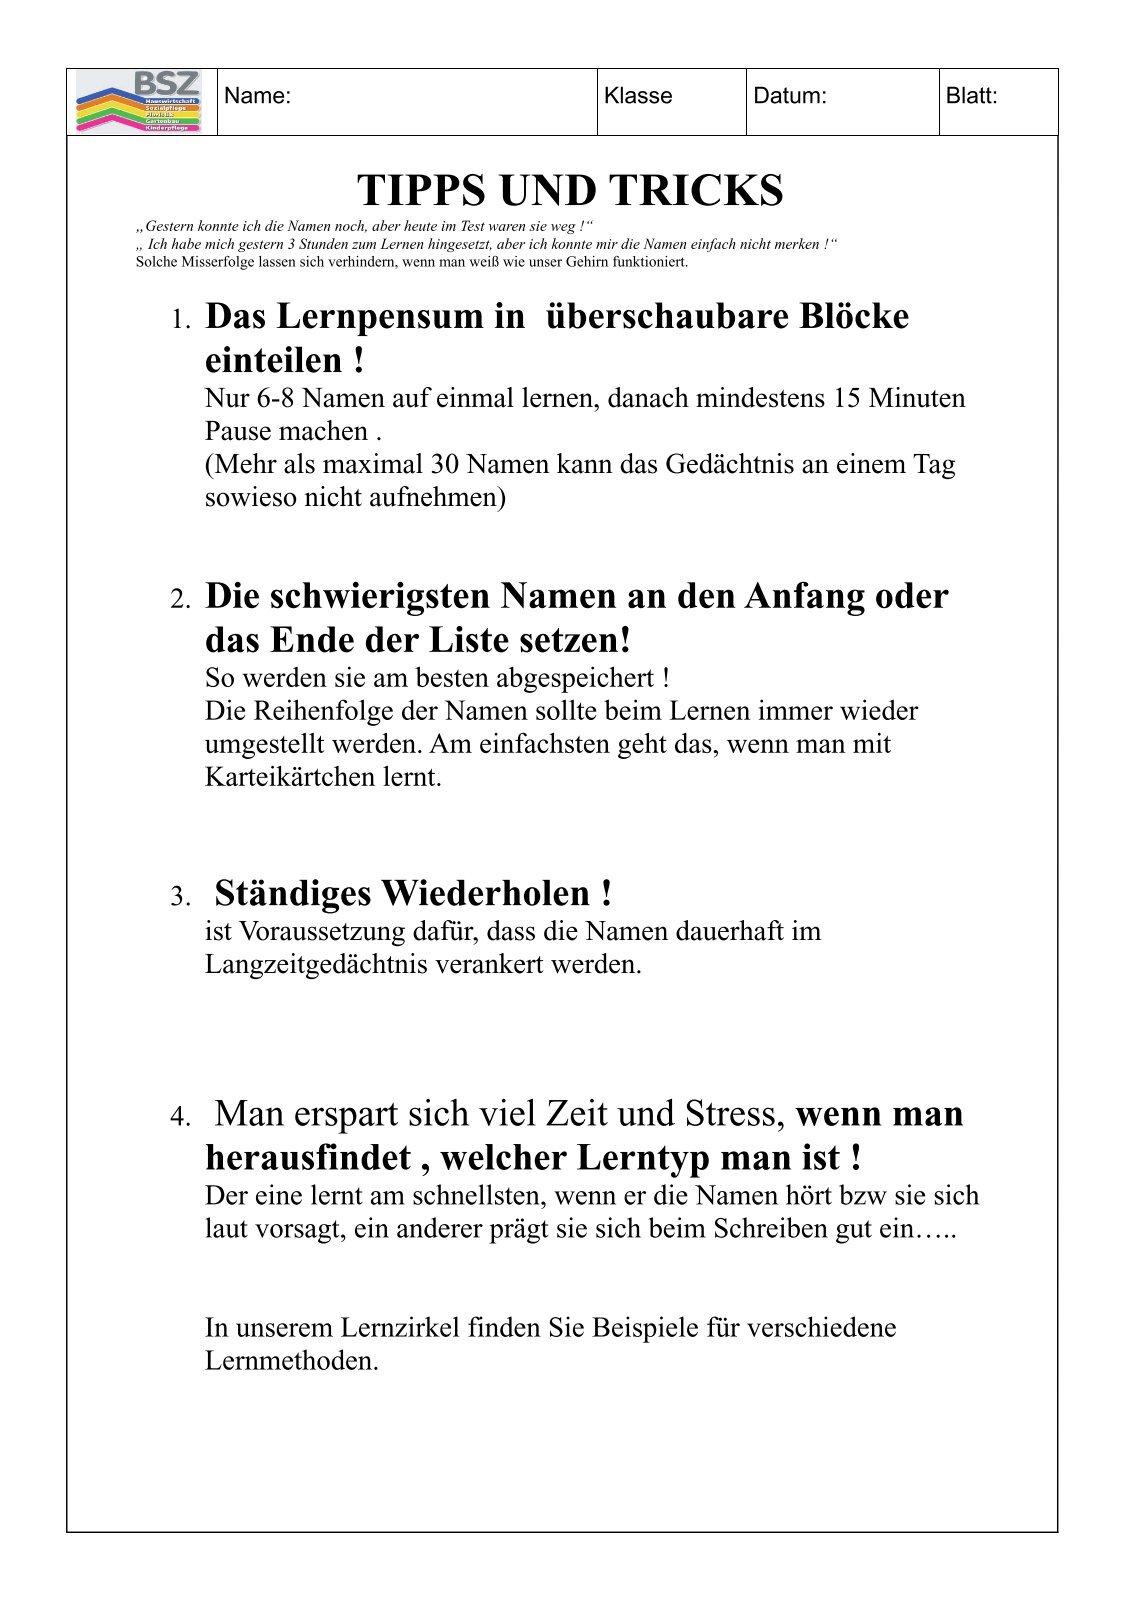 Beste Beste Tipps Zum Lebenslauf Schreiben Bilder - Entry Level ...